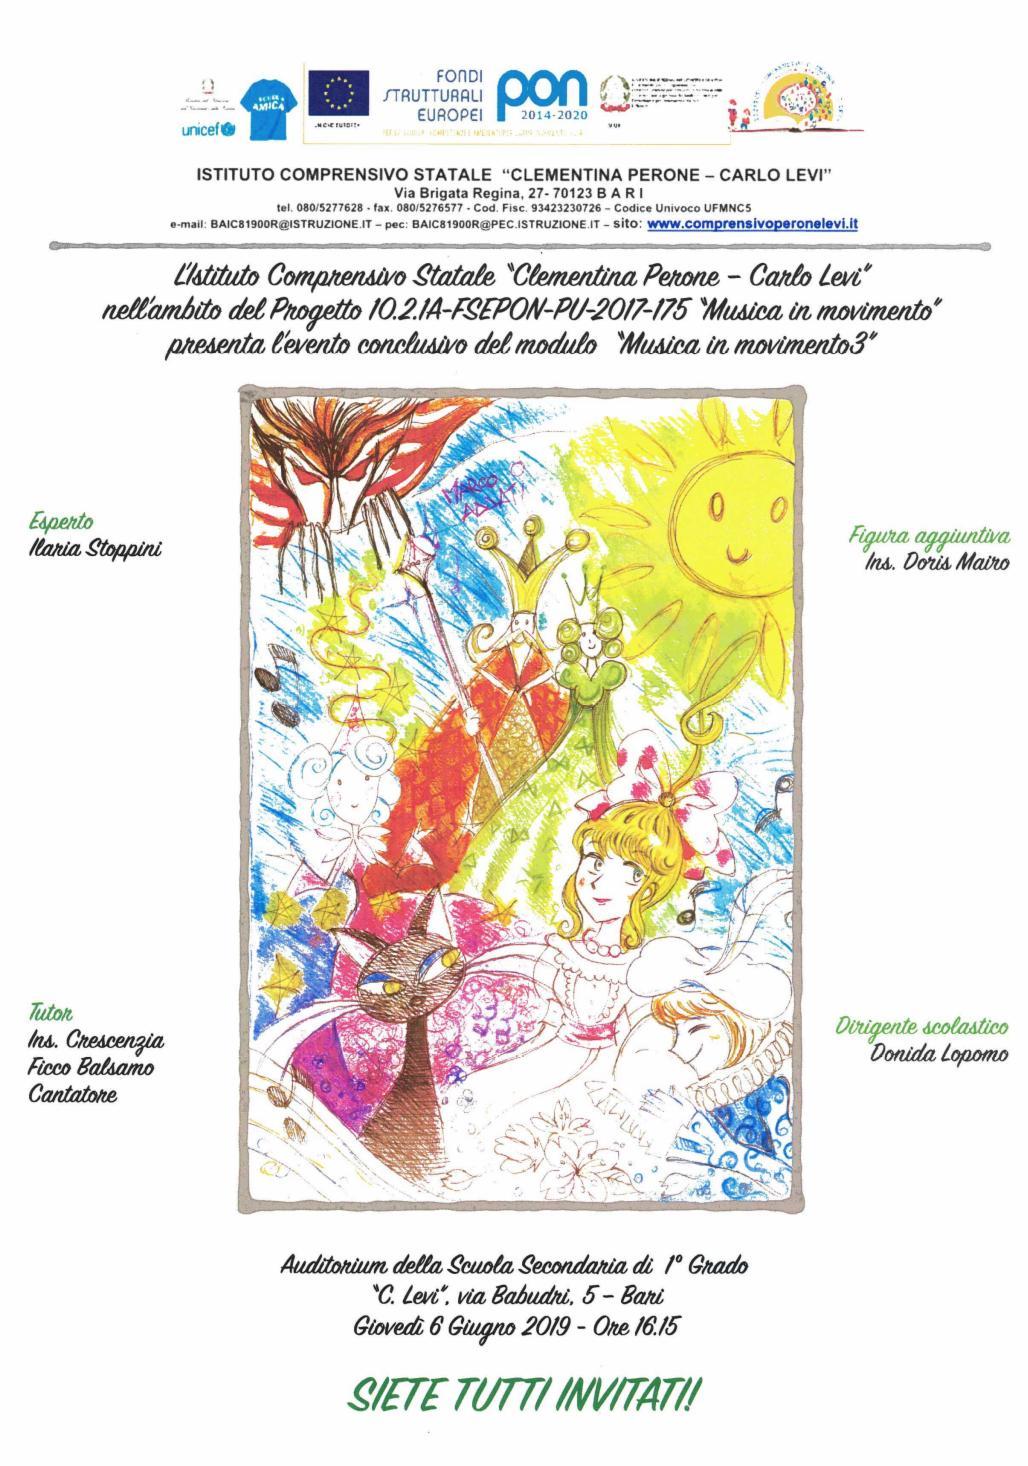 Scuola Re David Bari Calendario Scolastico.Le Locandine Dei Nostri Pon 2019 Www Icperonelevi Gov It